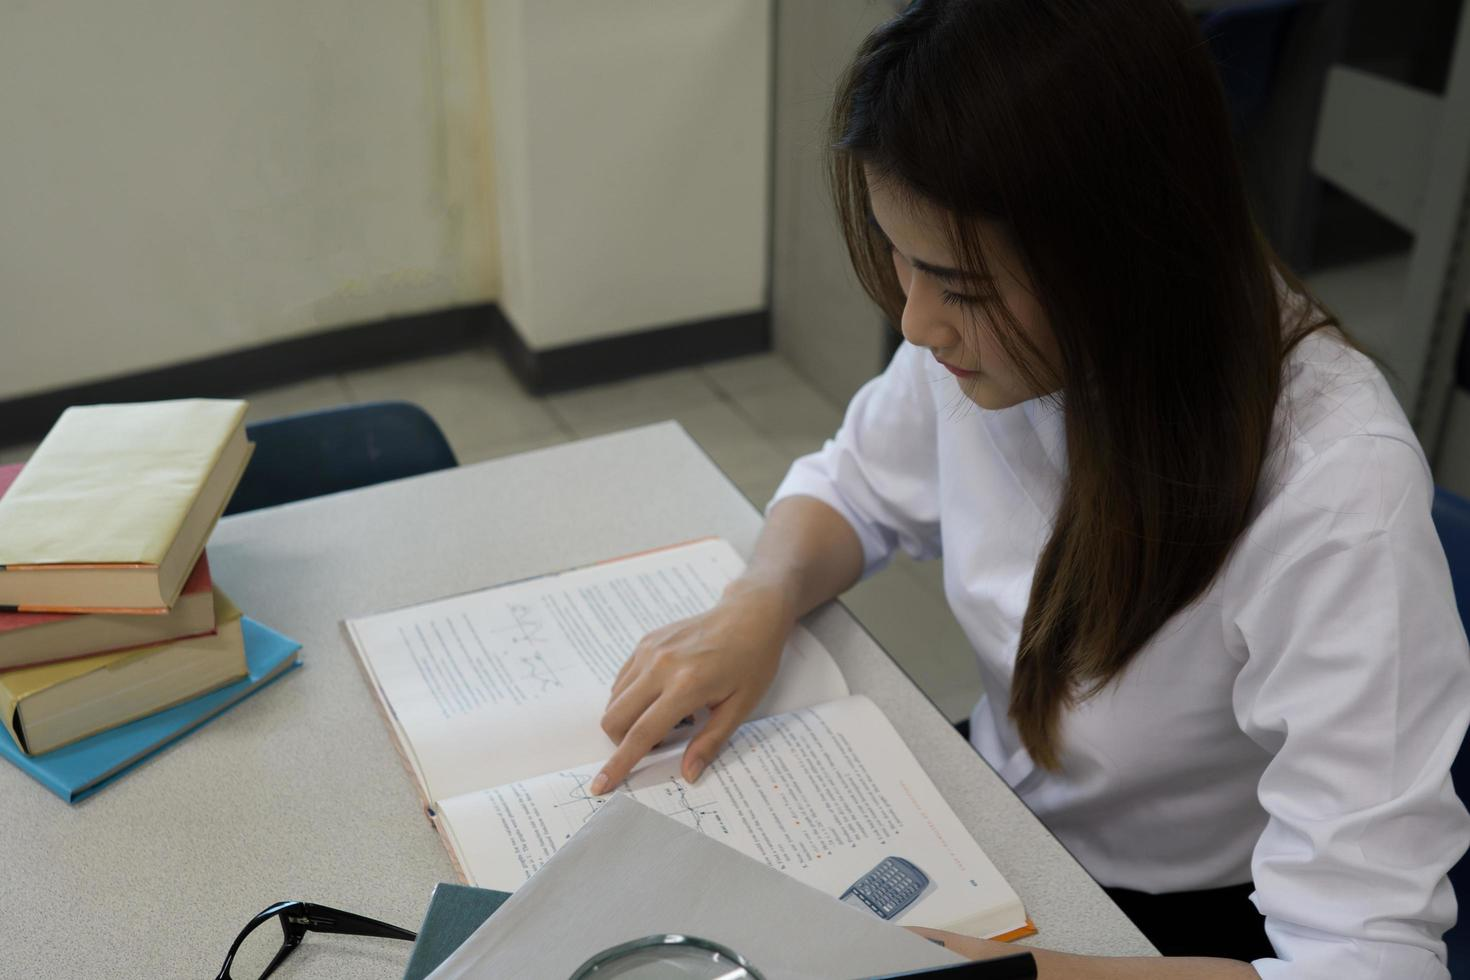 giovane studente asiatico che legge in biblioteca foto